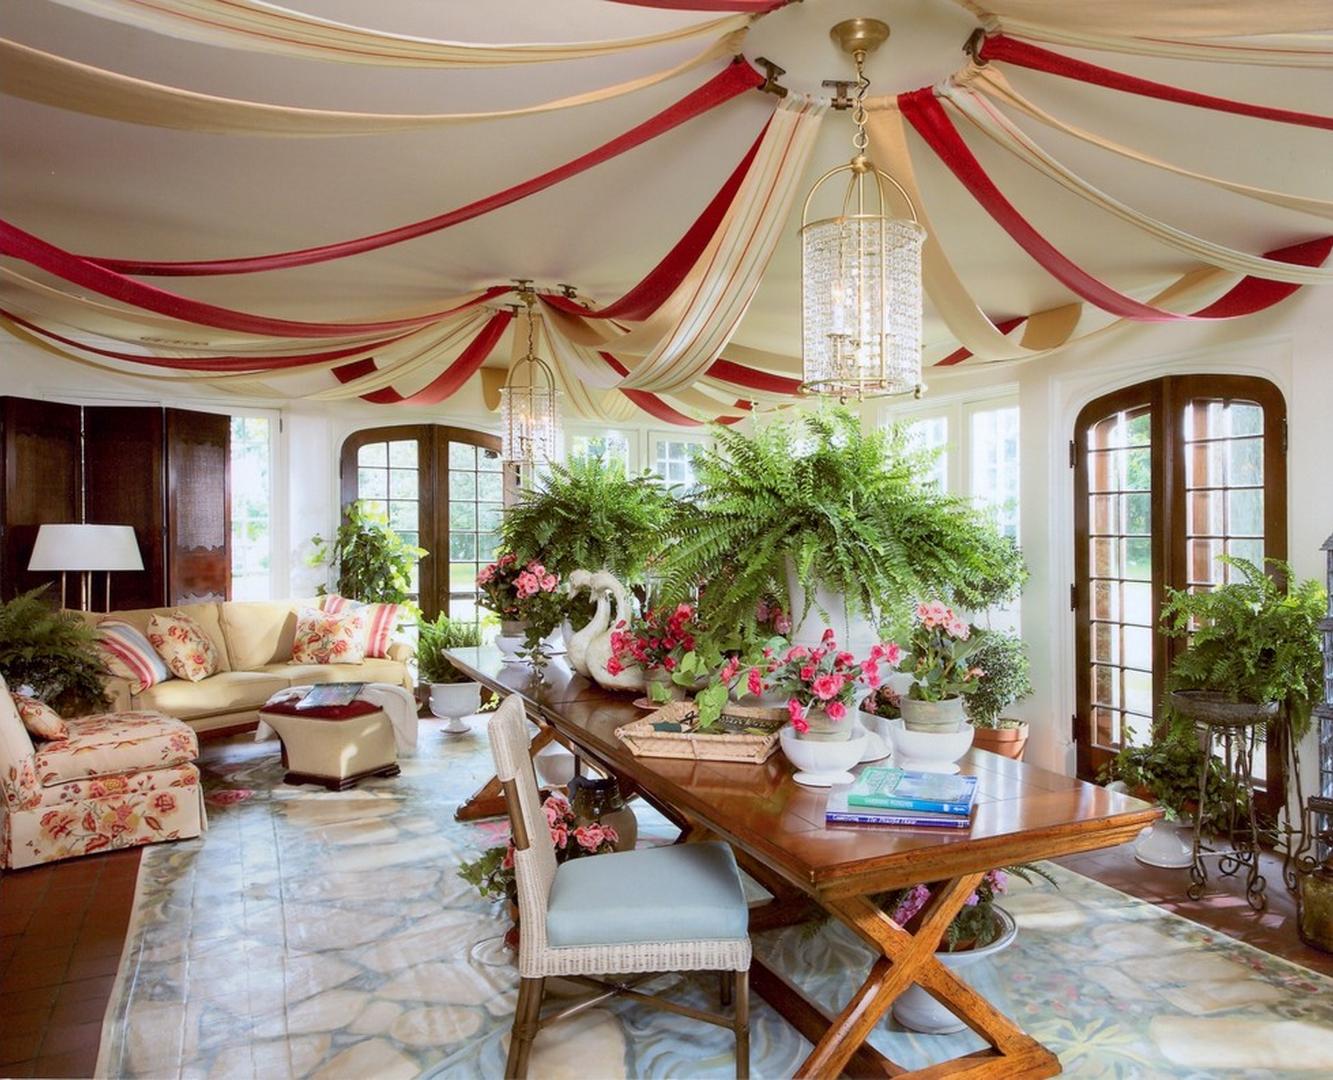 Потолок, украшенный лентами из ткани